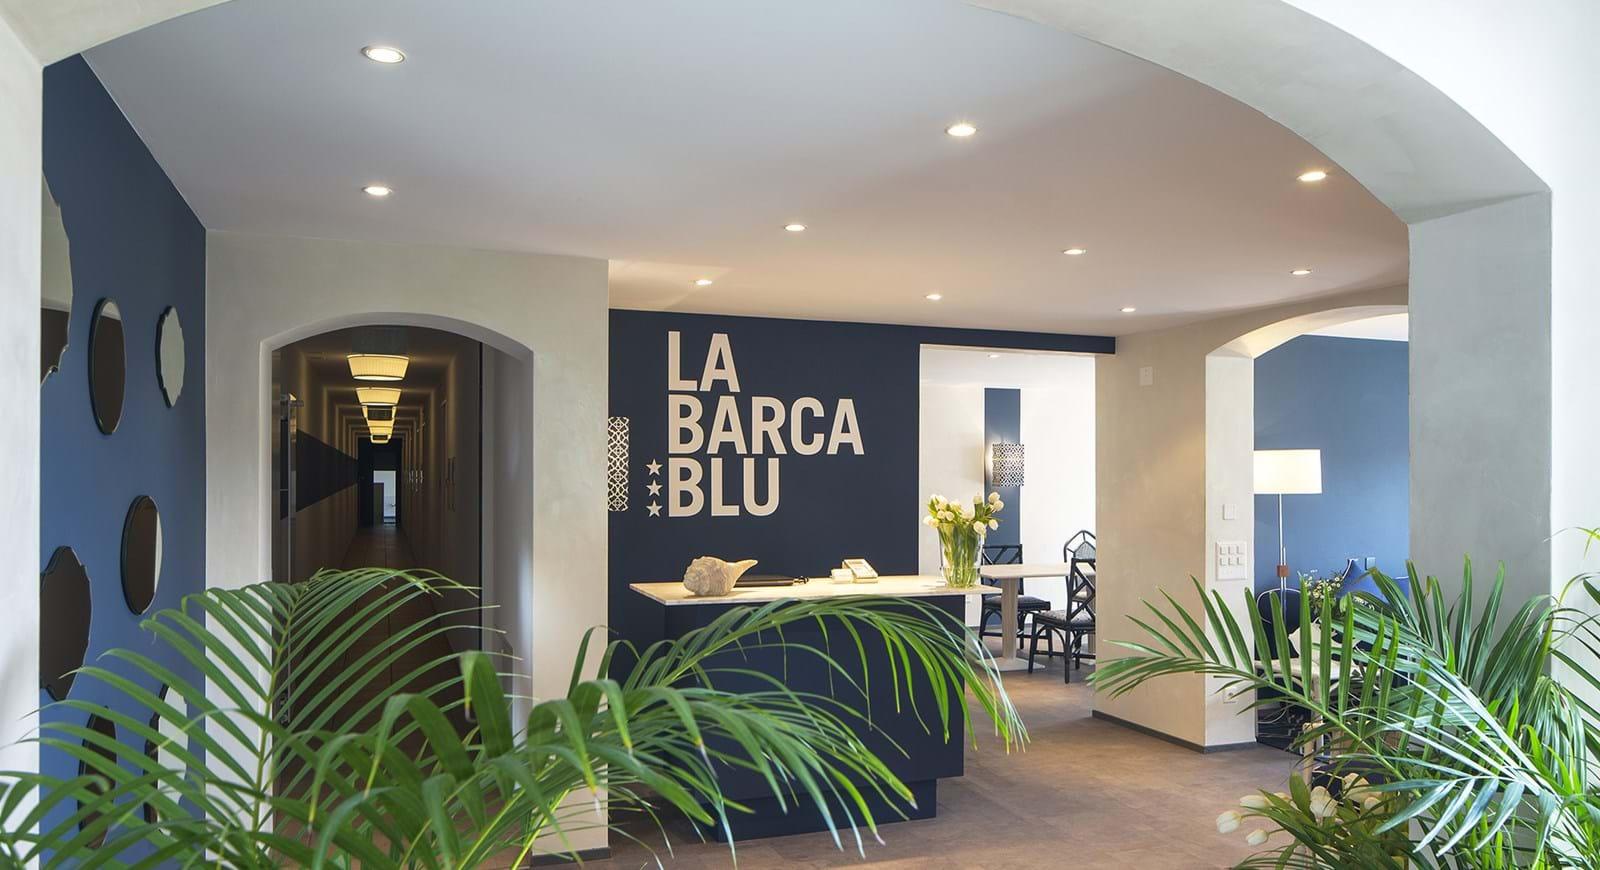 Hotel locarno orselina tessin schweiz hotel la barca blu for Design hotel tessin